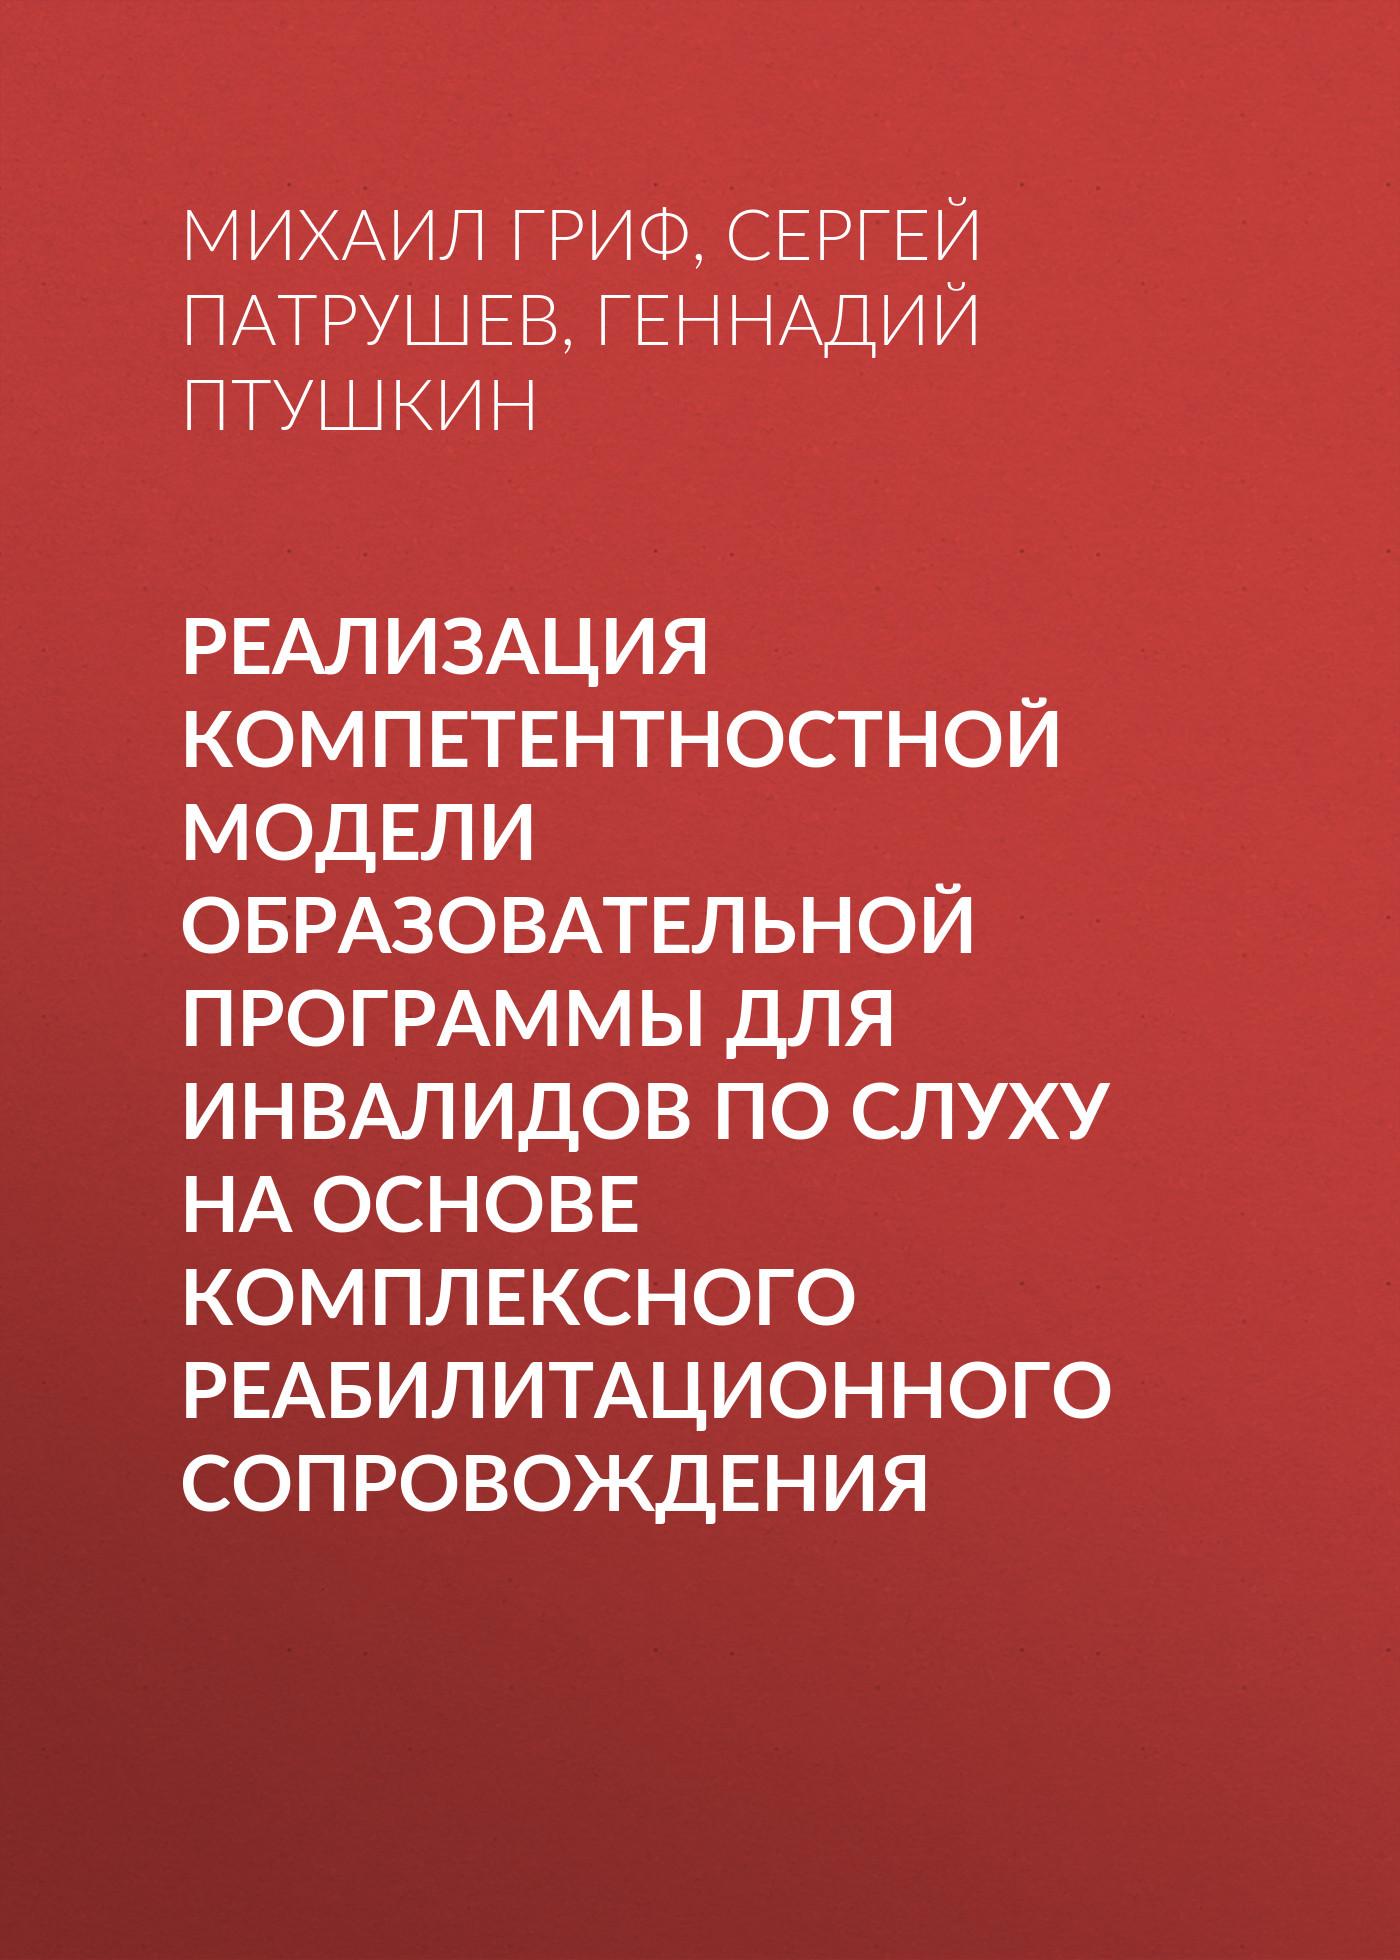 Геннадий Птушкин Реализация компетентностной модели образовательной программы для инвалидов по слуху на основе комплексного реабилитационного сопровождения геннадий птушкин специализированный программно аппаратный комплекс обучения русскому жестовому языку